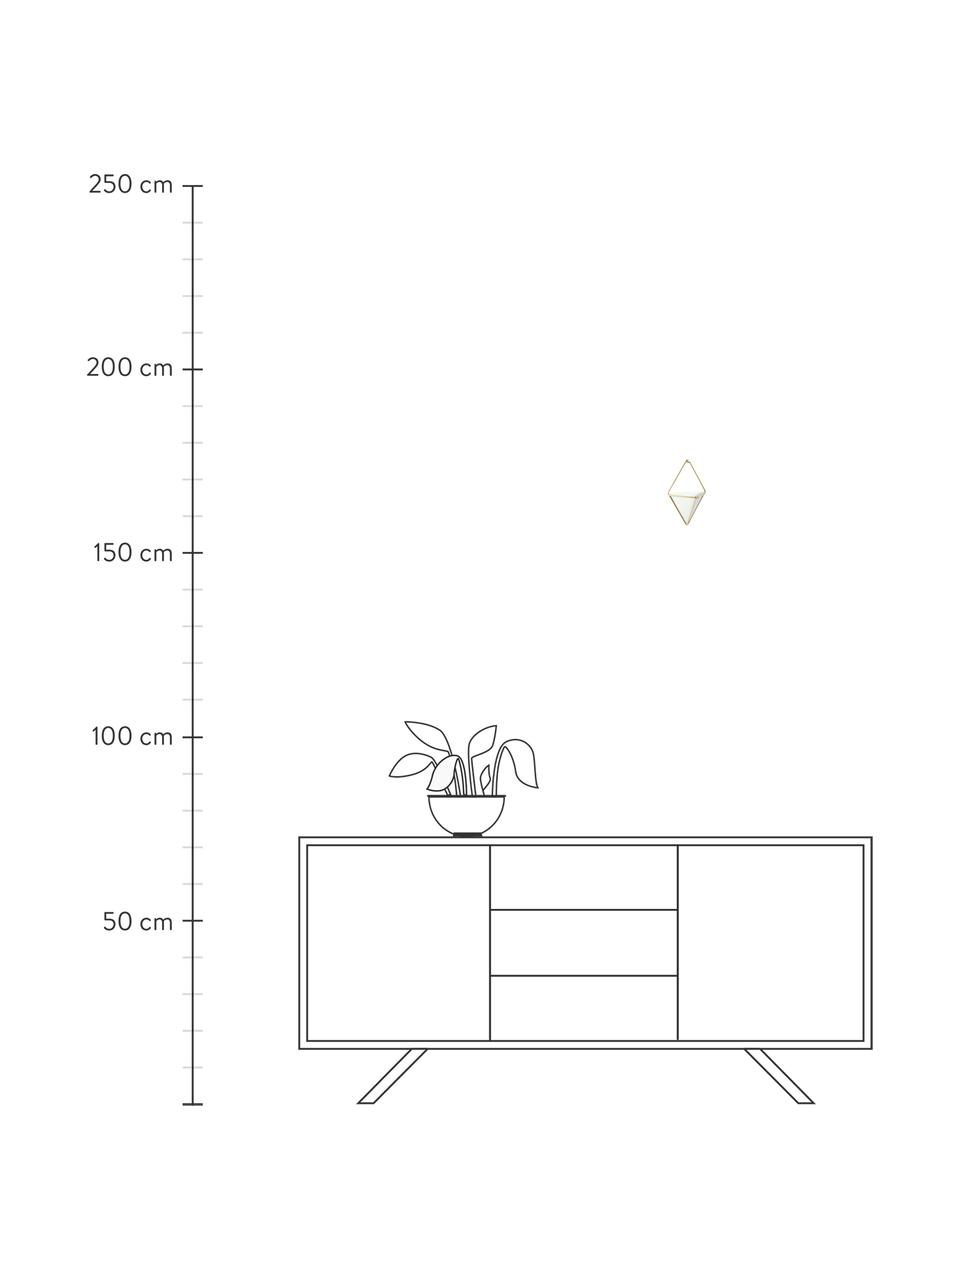 Wandaufbewahrungs-Schale Trigg aus Keramik, 2 Stück, Aufbewahrung: Keramik, Weiß, Messing, matt, 11 x 18 cm